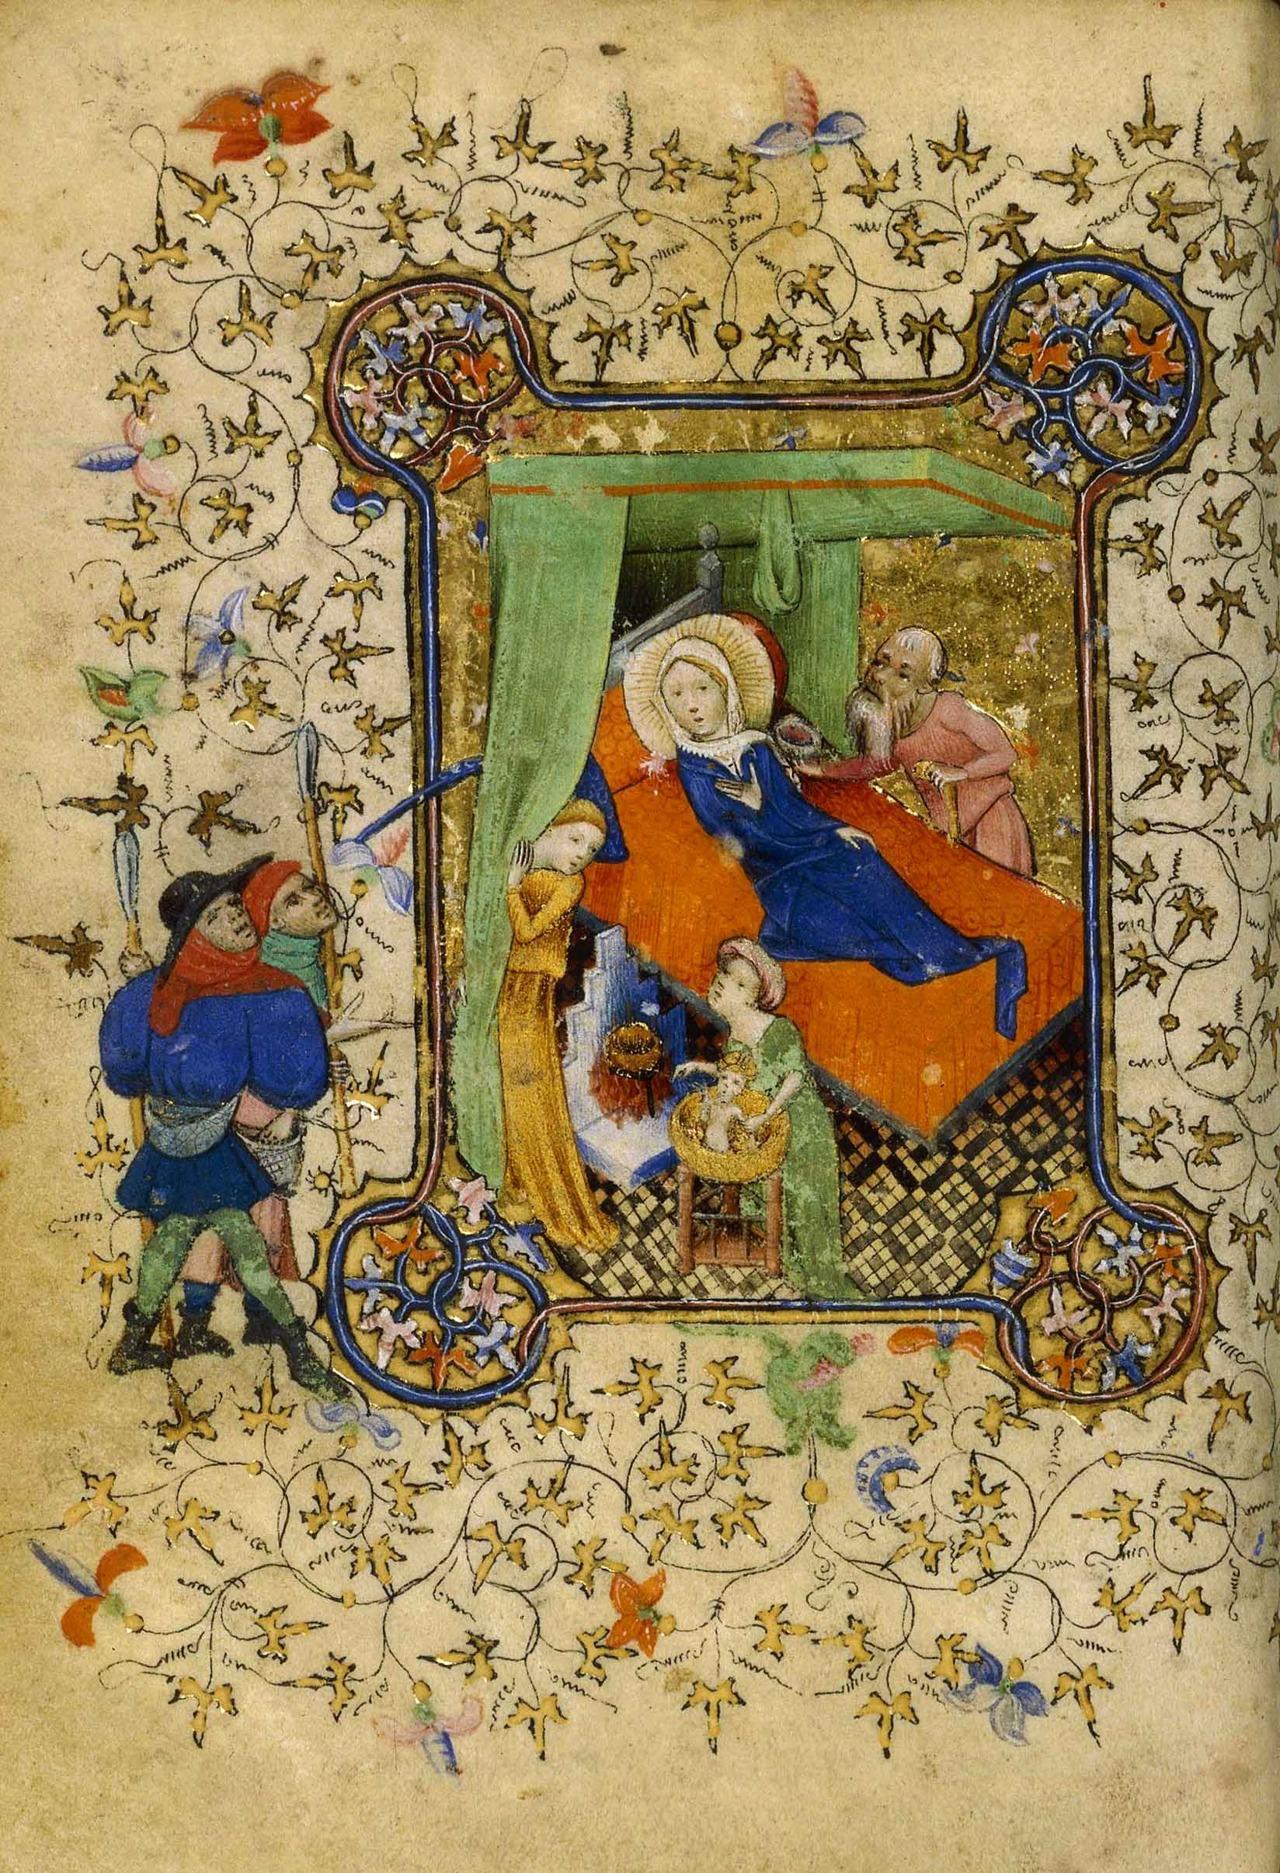 Nativite, Livre d heures a l usage de Rome, entre 1409 et 1419,Paris, BNF, Mss, NAL 3055, f. 89v